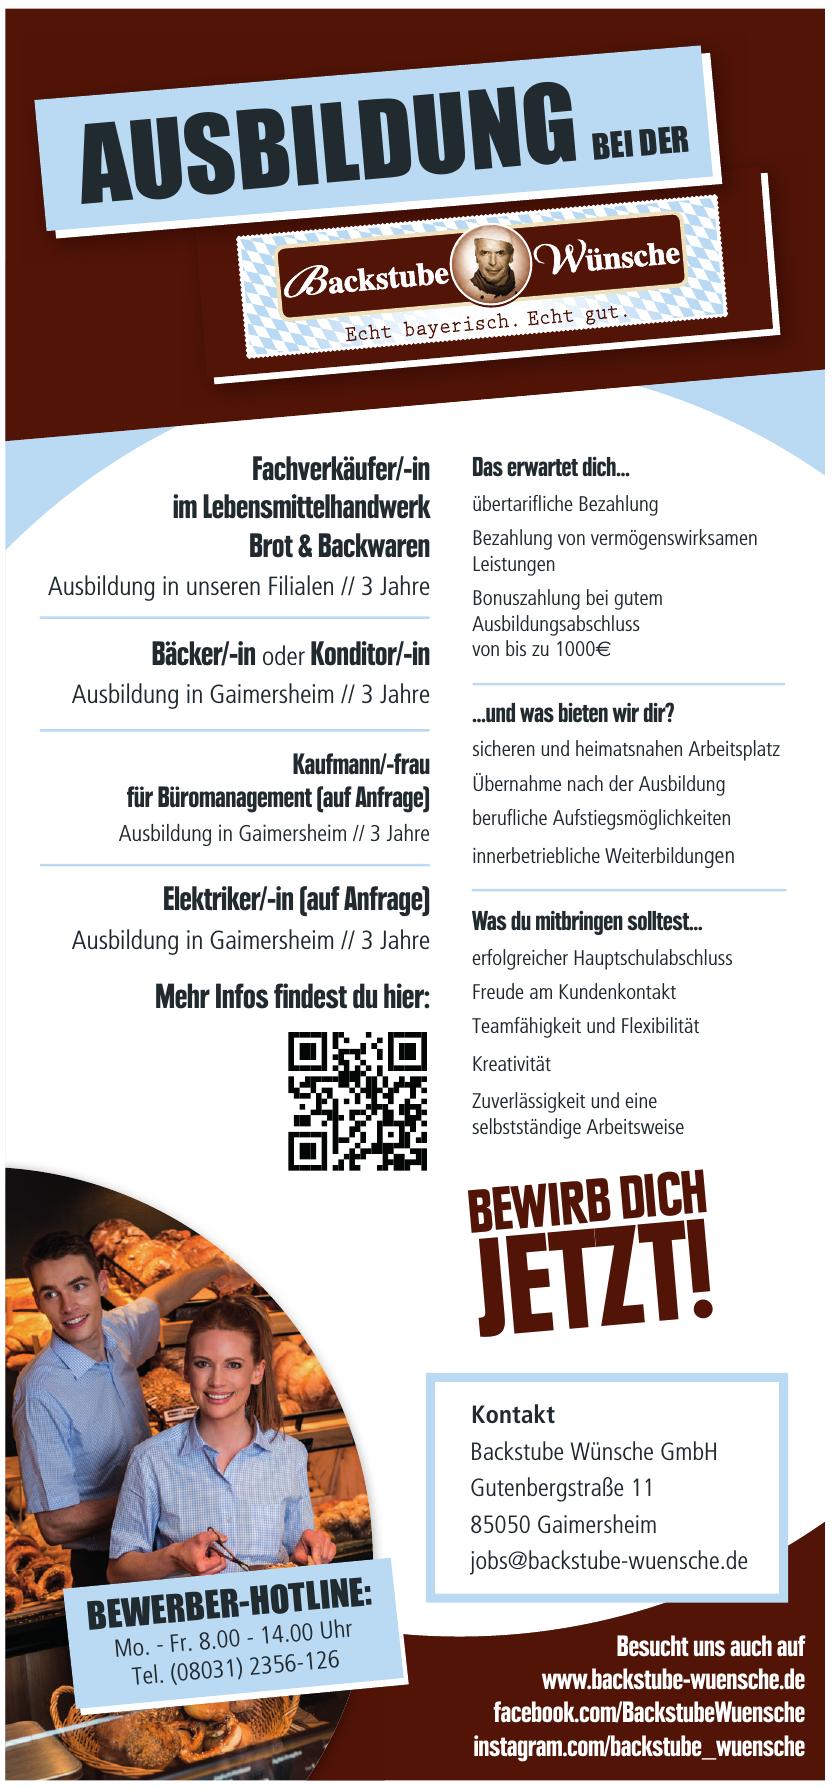 Backstube Wünsche GmbH